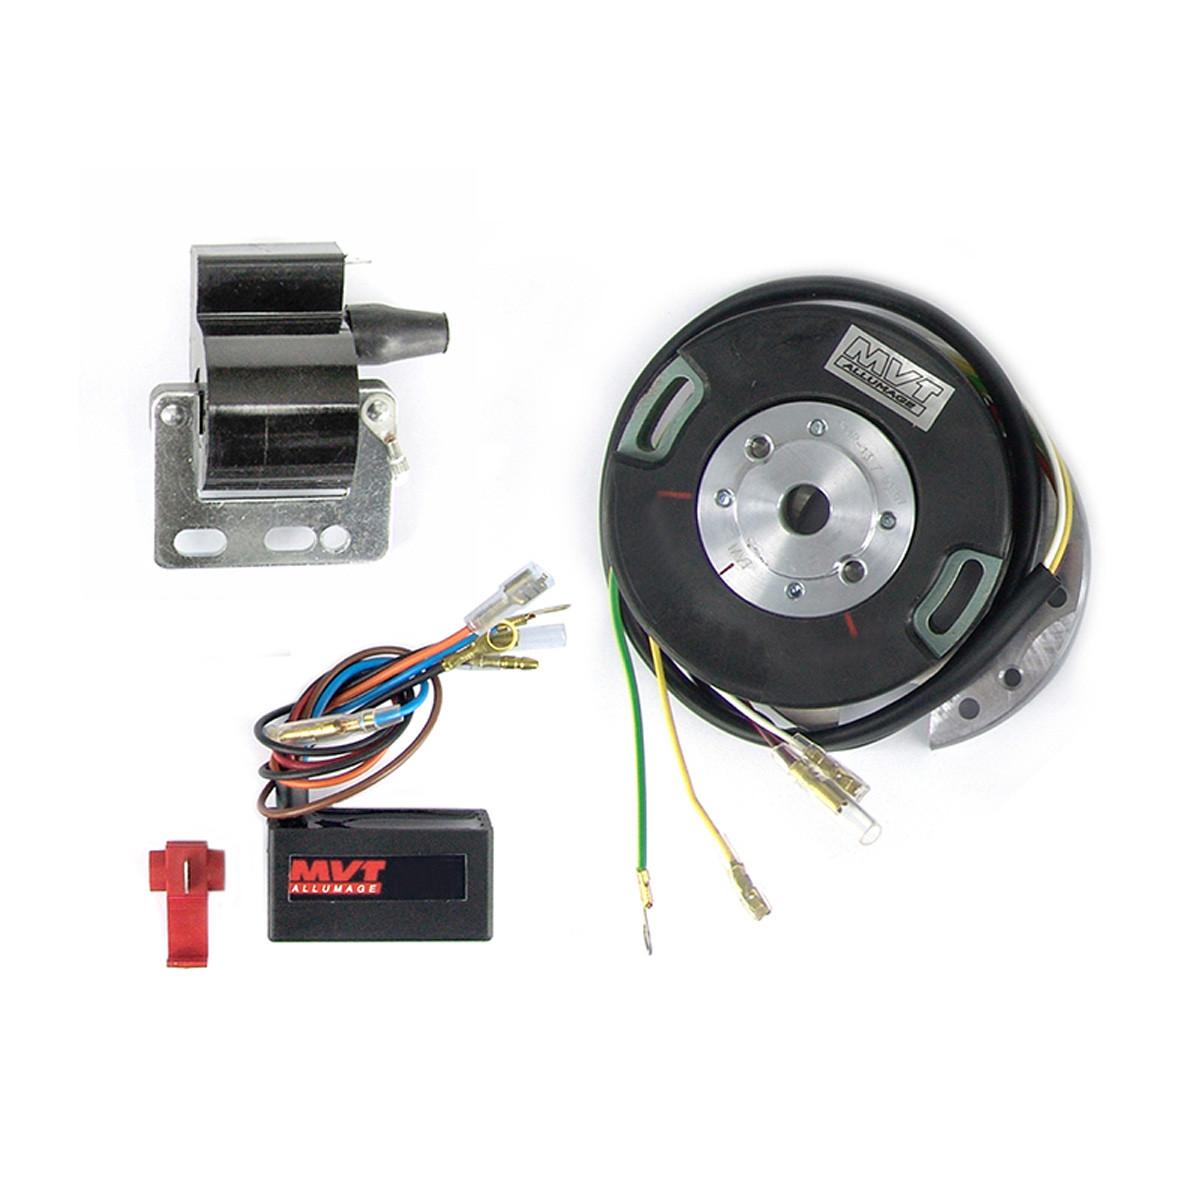 Allumage Yamaha DT50 RD50 TY50 DT / RD80 - MVT Premium Rotor Interne Analogique avec lumière PREM26